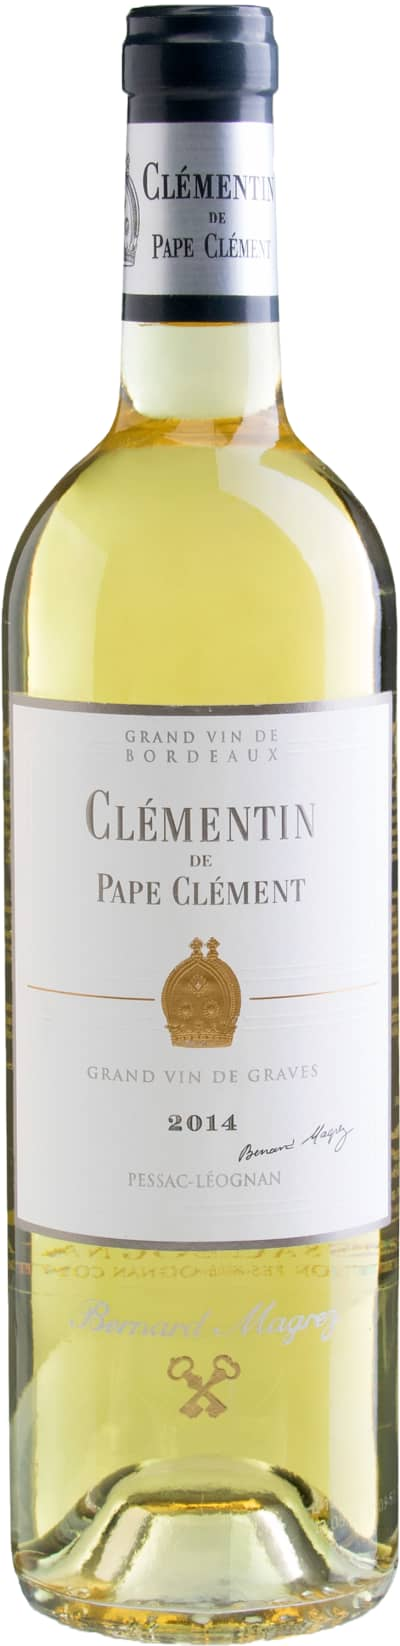 Clémentin du Pape Clément 2014